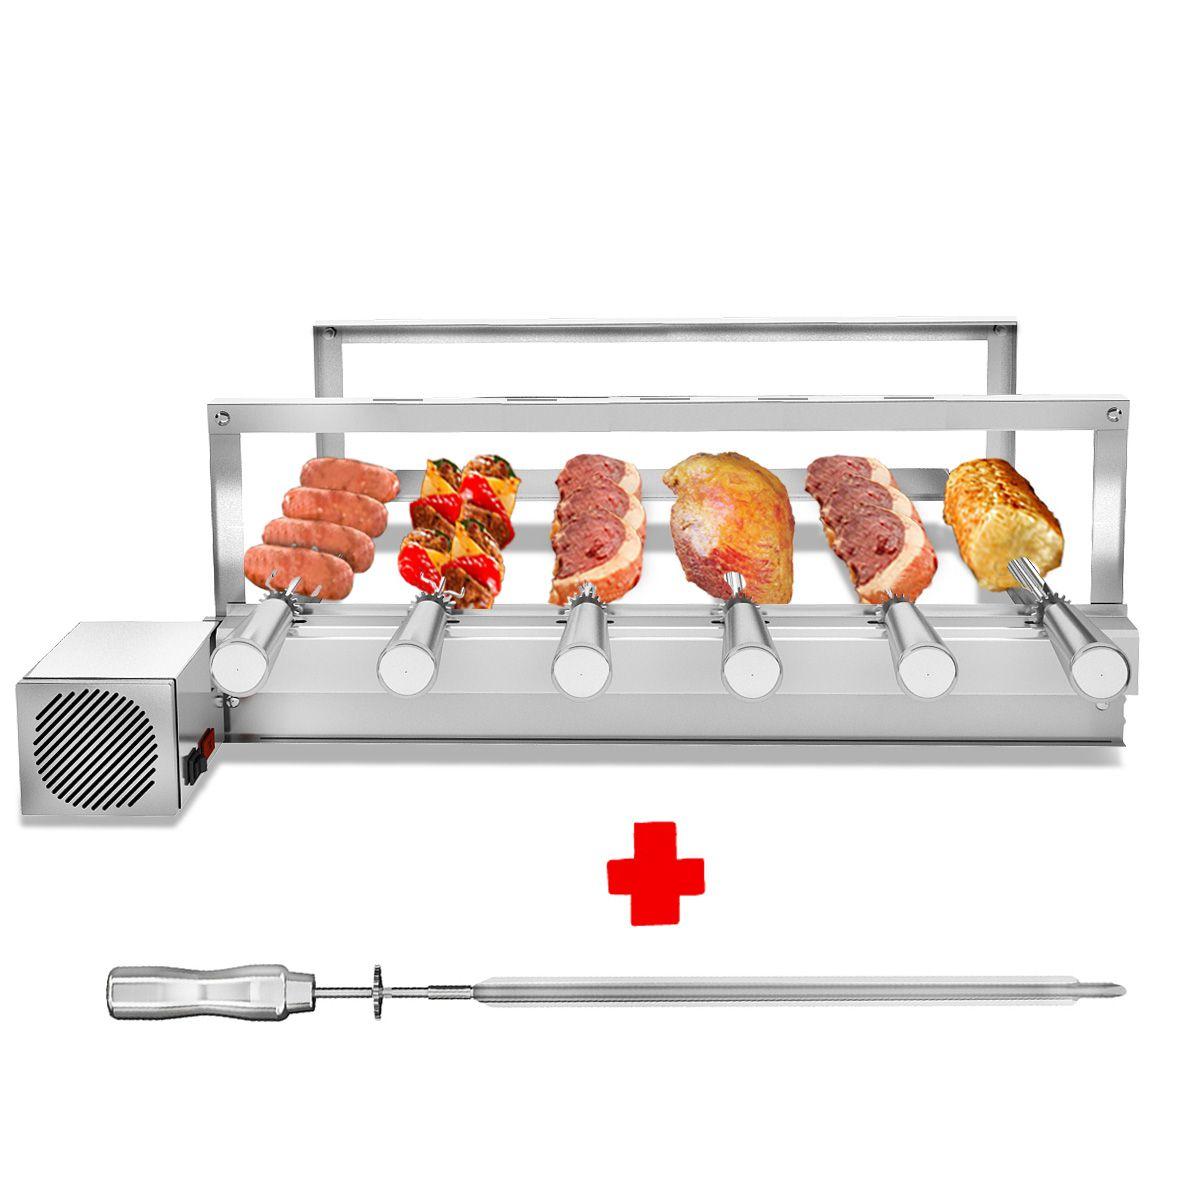 Churrasqueira Gira Grill Inox 6 Espetos Giratórios Motor LADO DIREITO Bivolt  + 1 Espeto Picanheiro